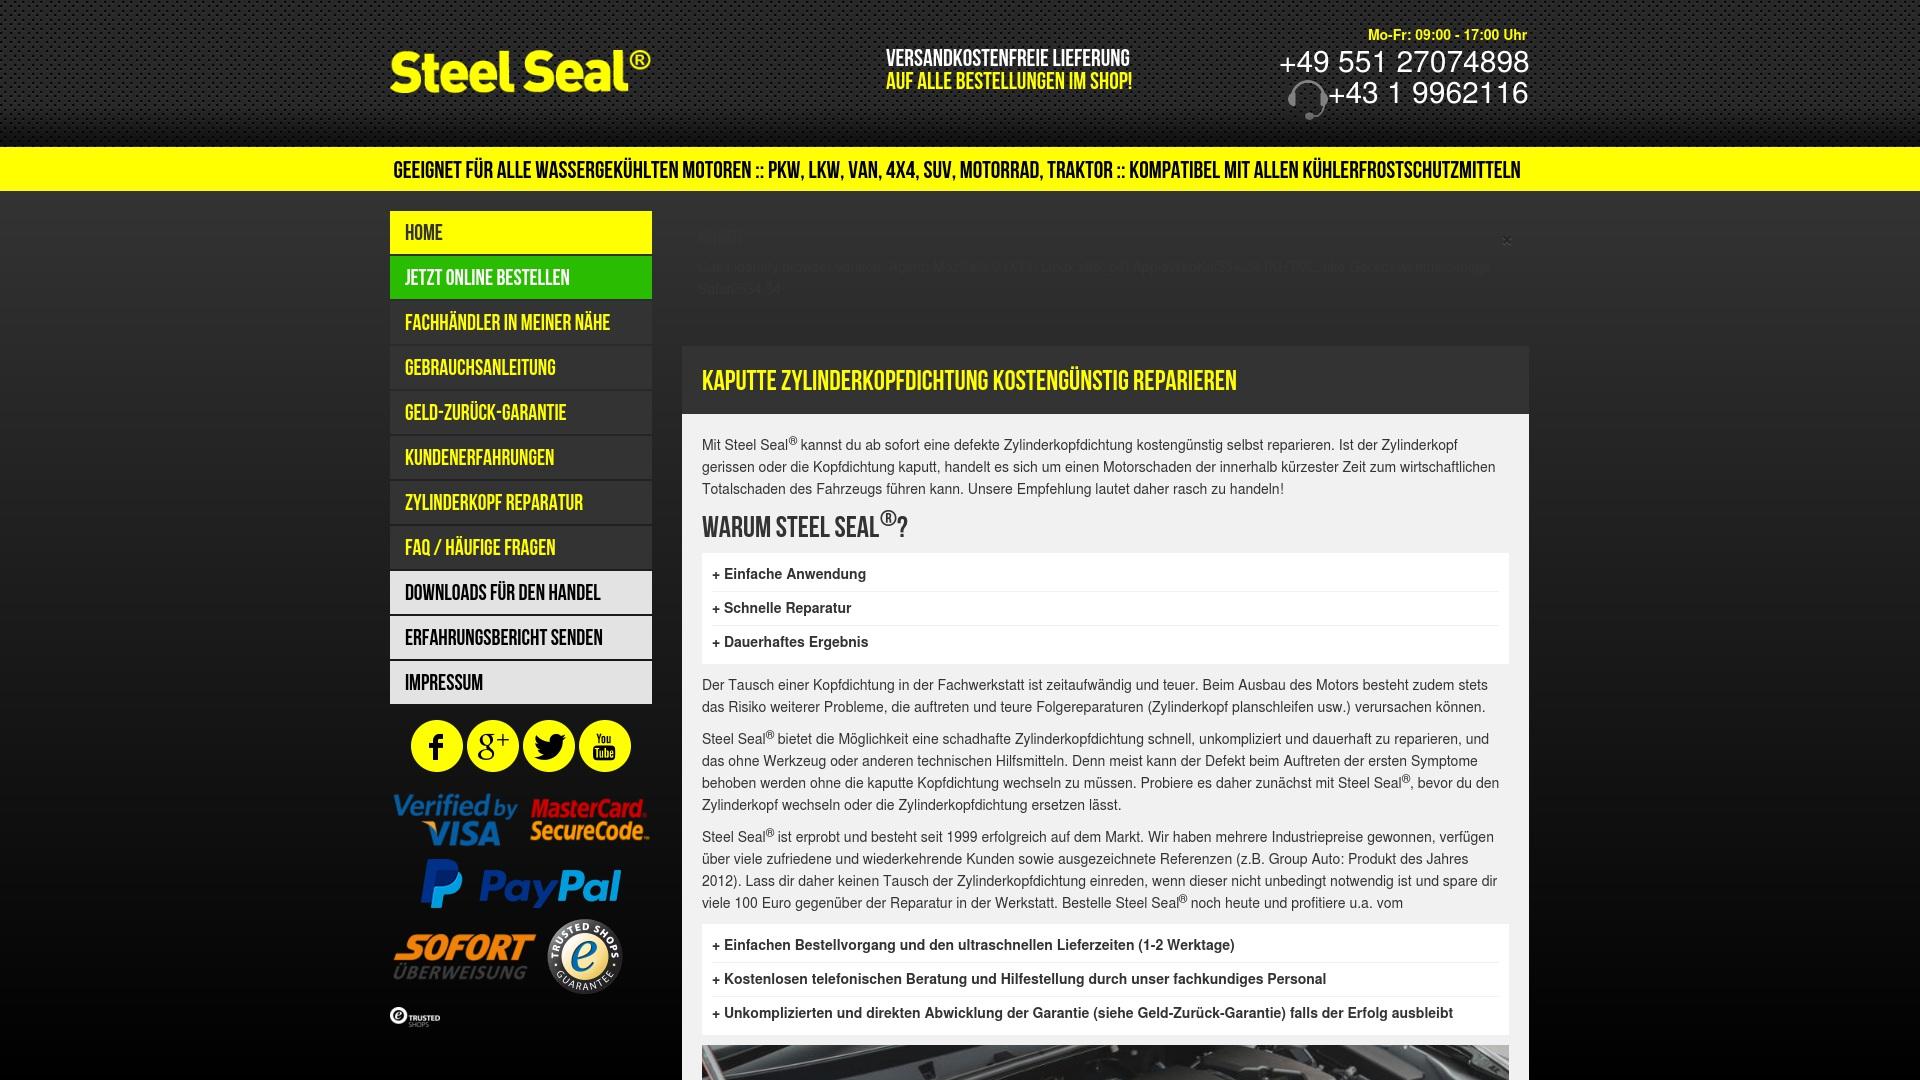 Gutschein für Steelseal: Rabatte für  Steelseal sichern